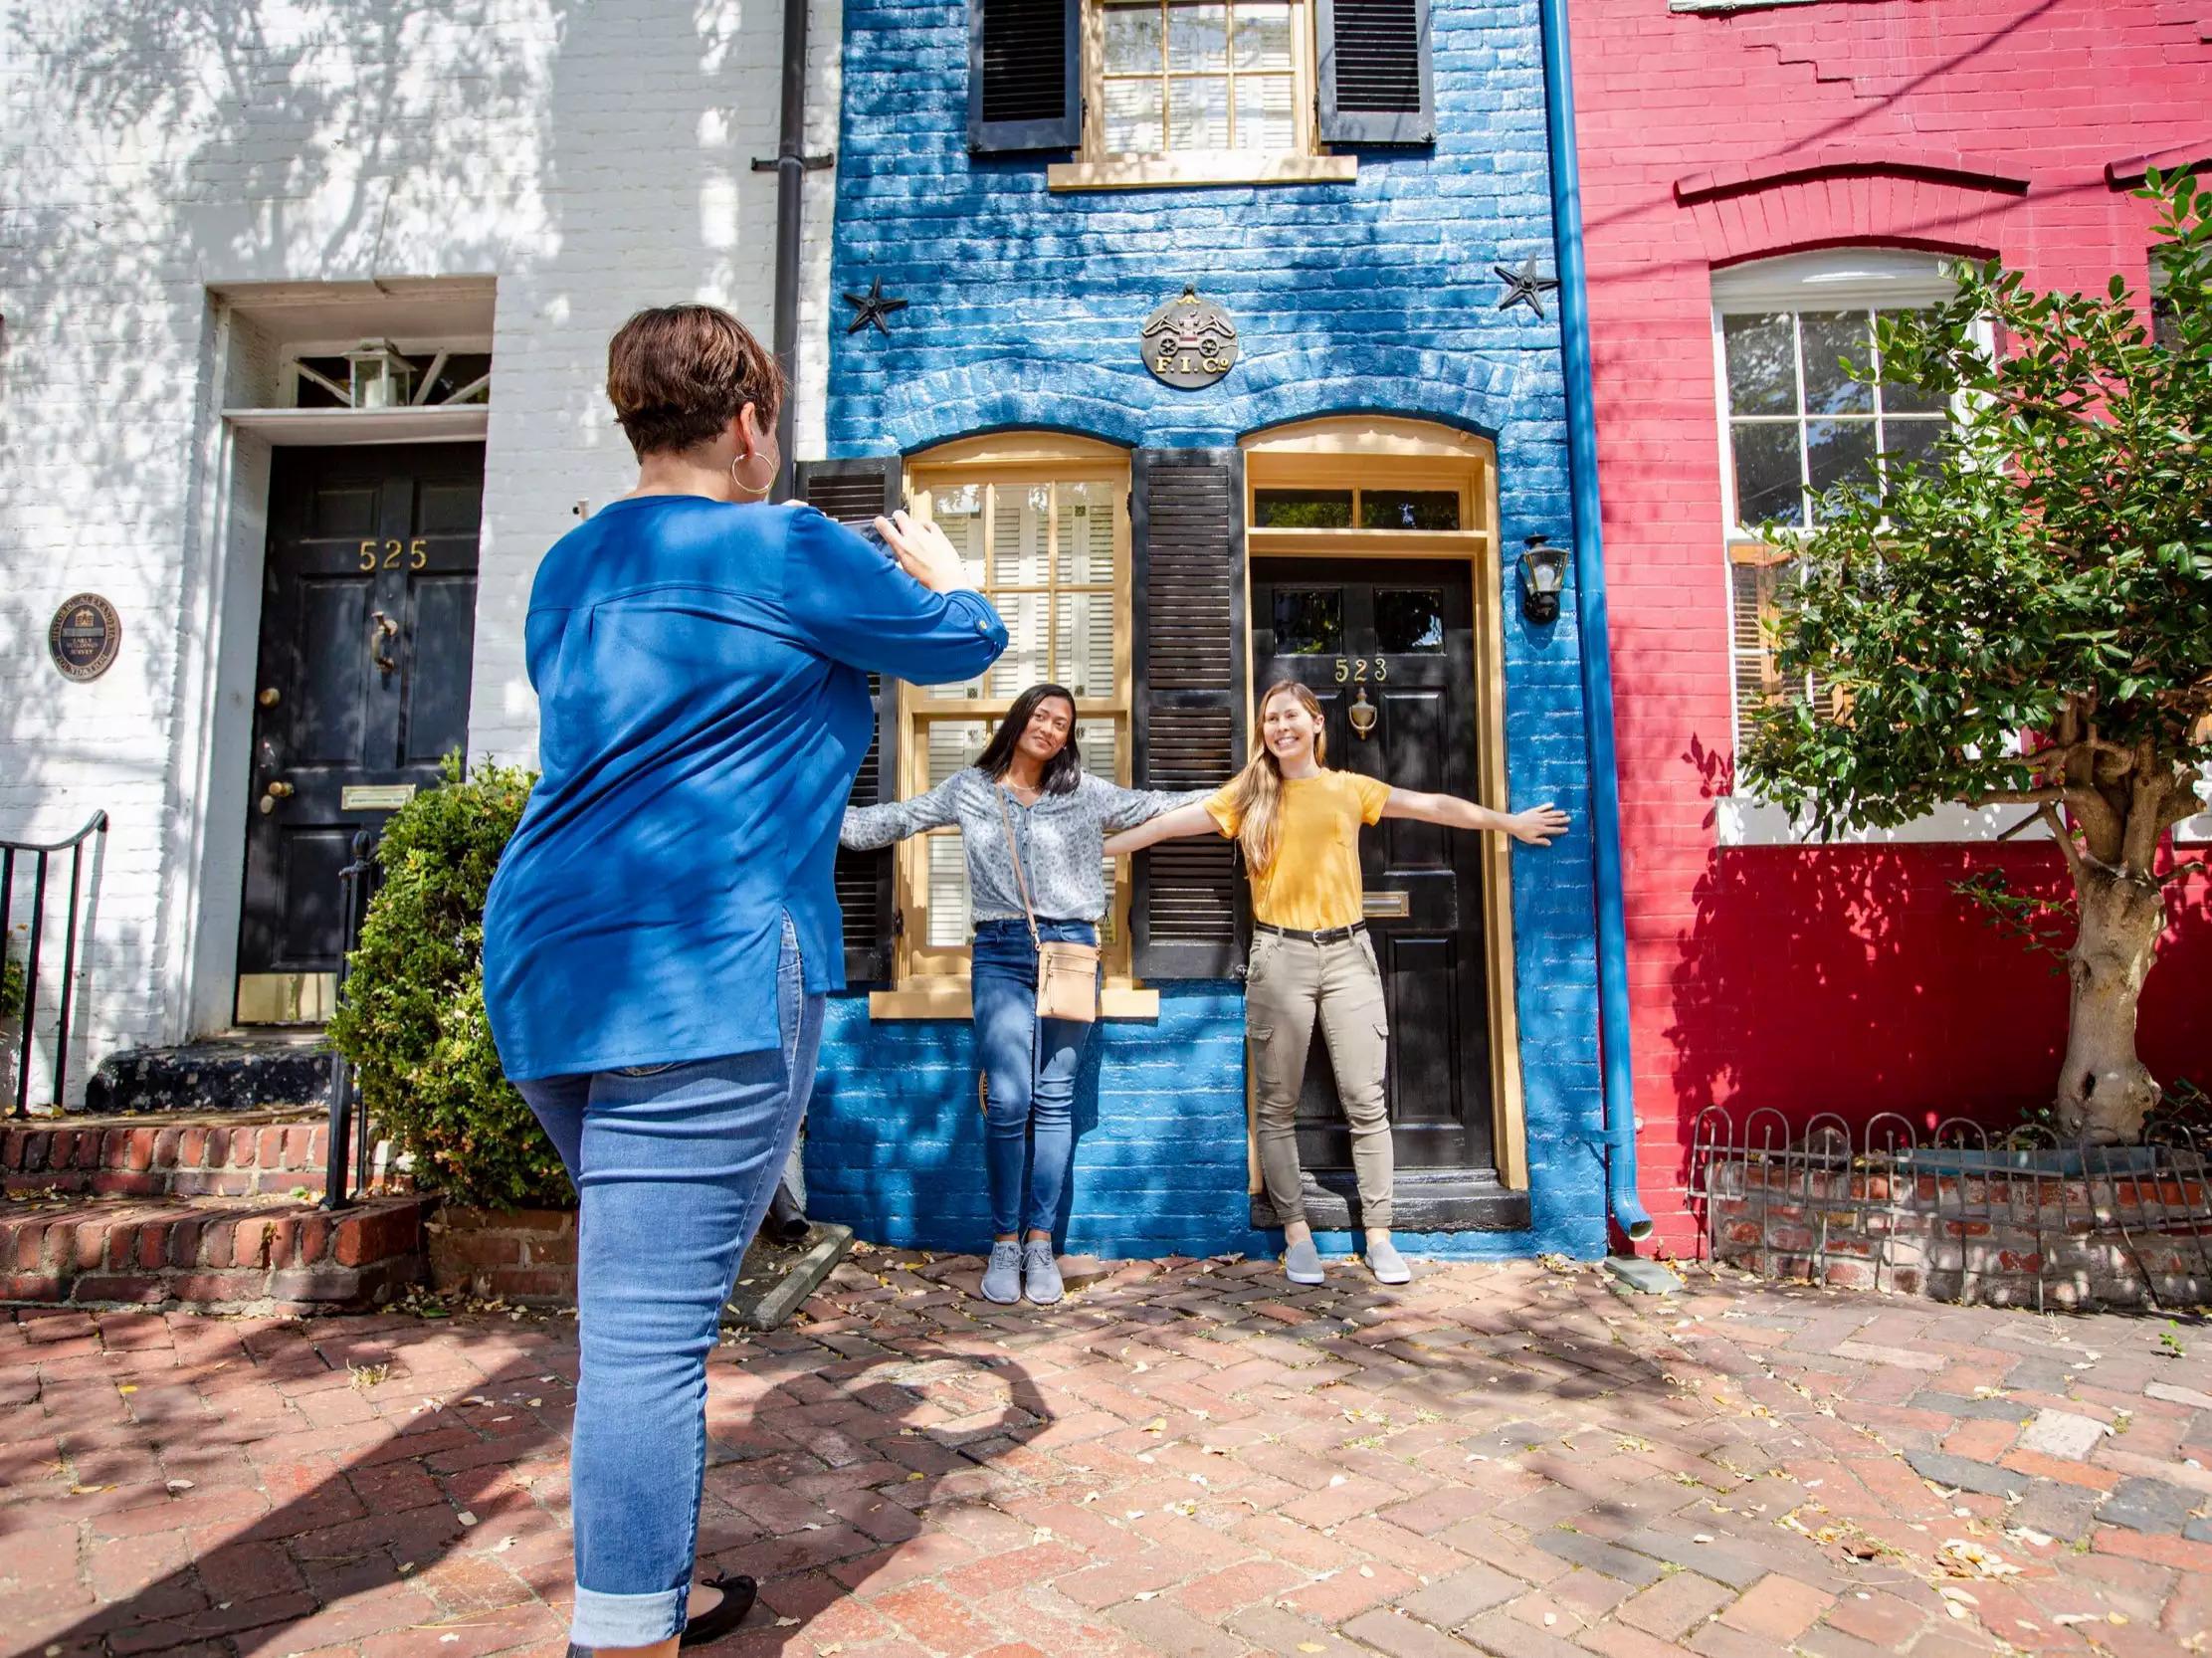 Du khách tạo dáng trước ngôi nhà. Ảnh: Kristian Summerer for Visit Alexandria